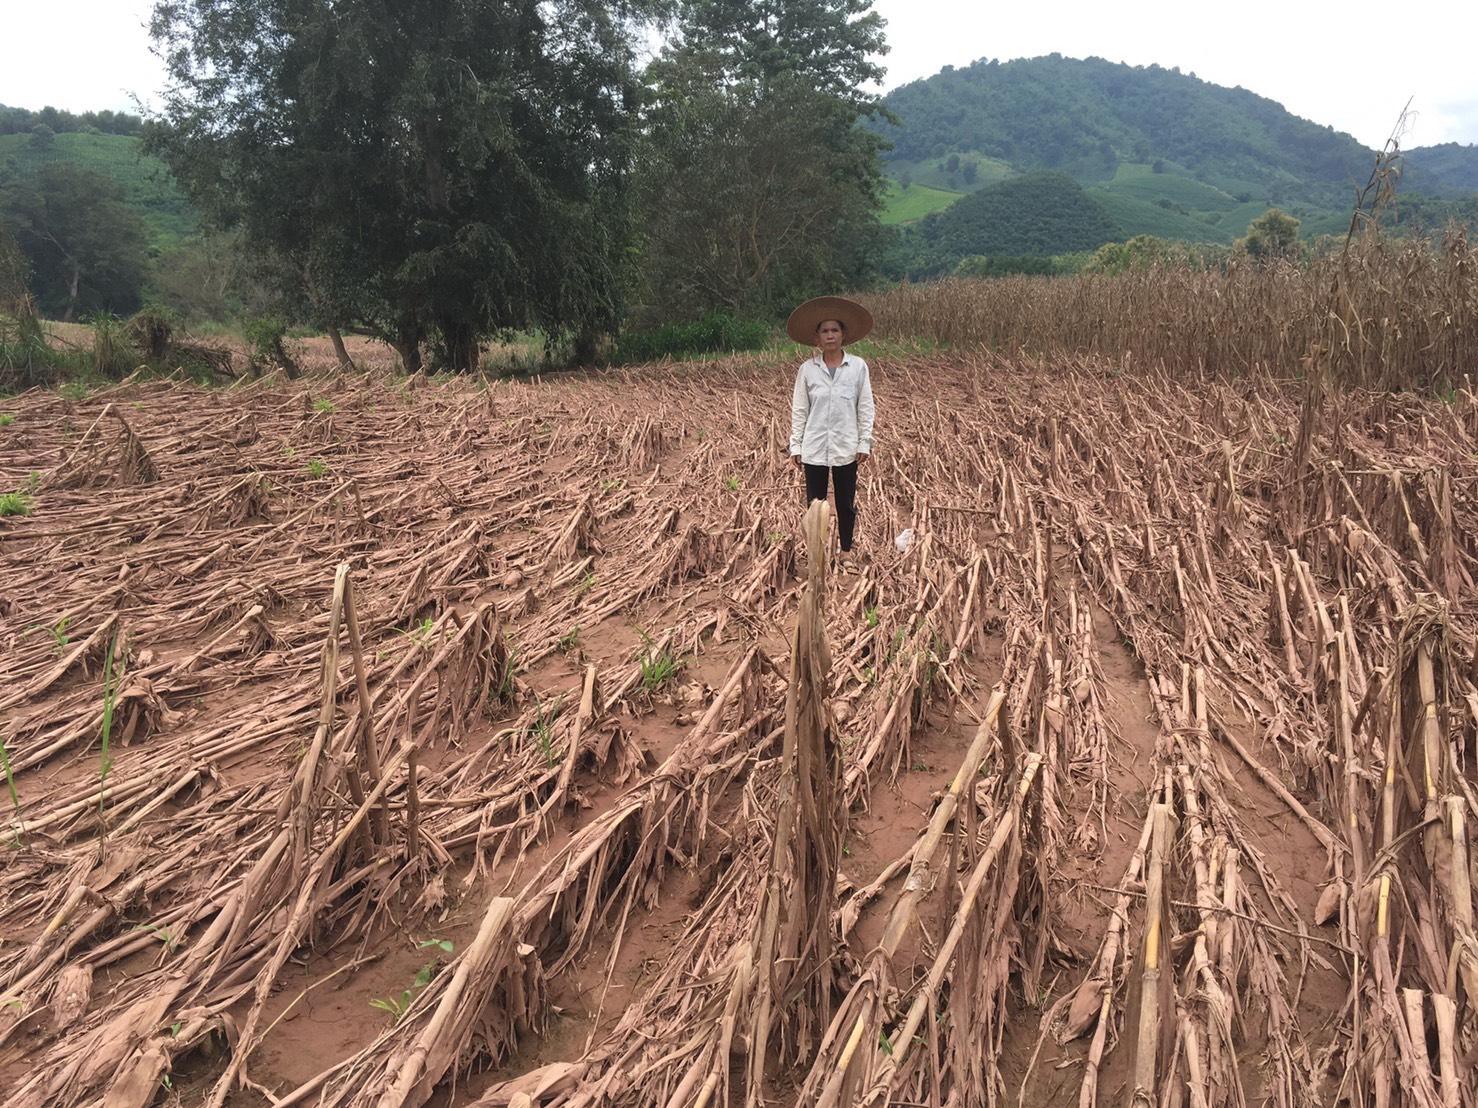 """""""เฉลิมชัย"""" ห่วงใยปัญหาน้ำท่วมสั่งกรมส่งเสริมการเกษตรเร่งสำรวจพื้นที่เสียหายทั่วประเทศ"""